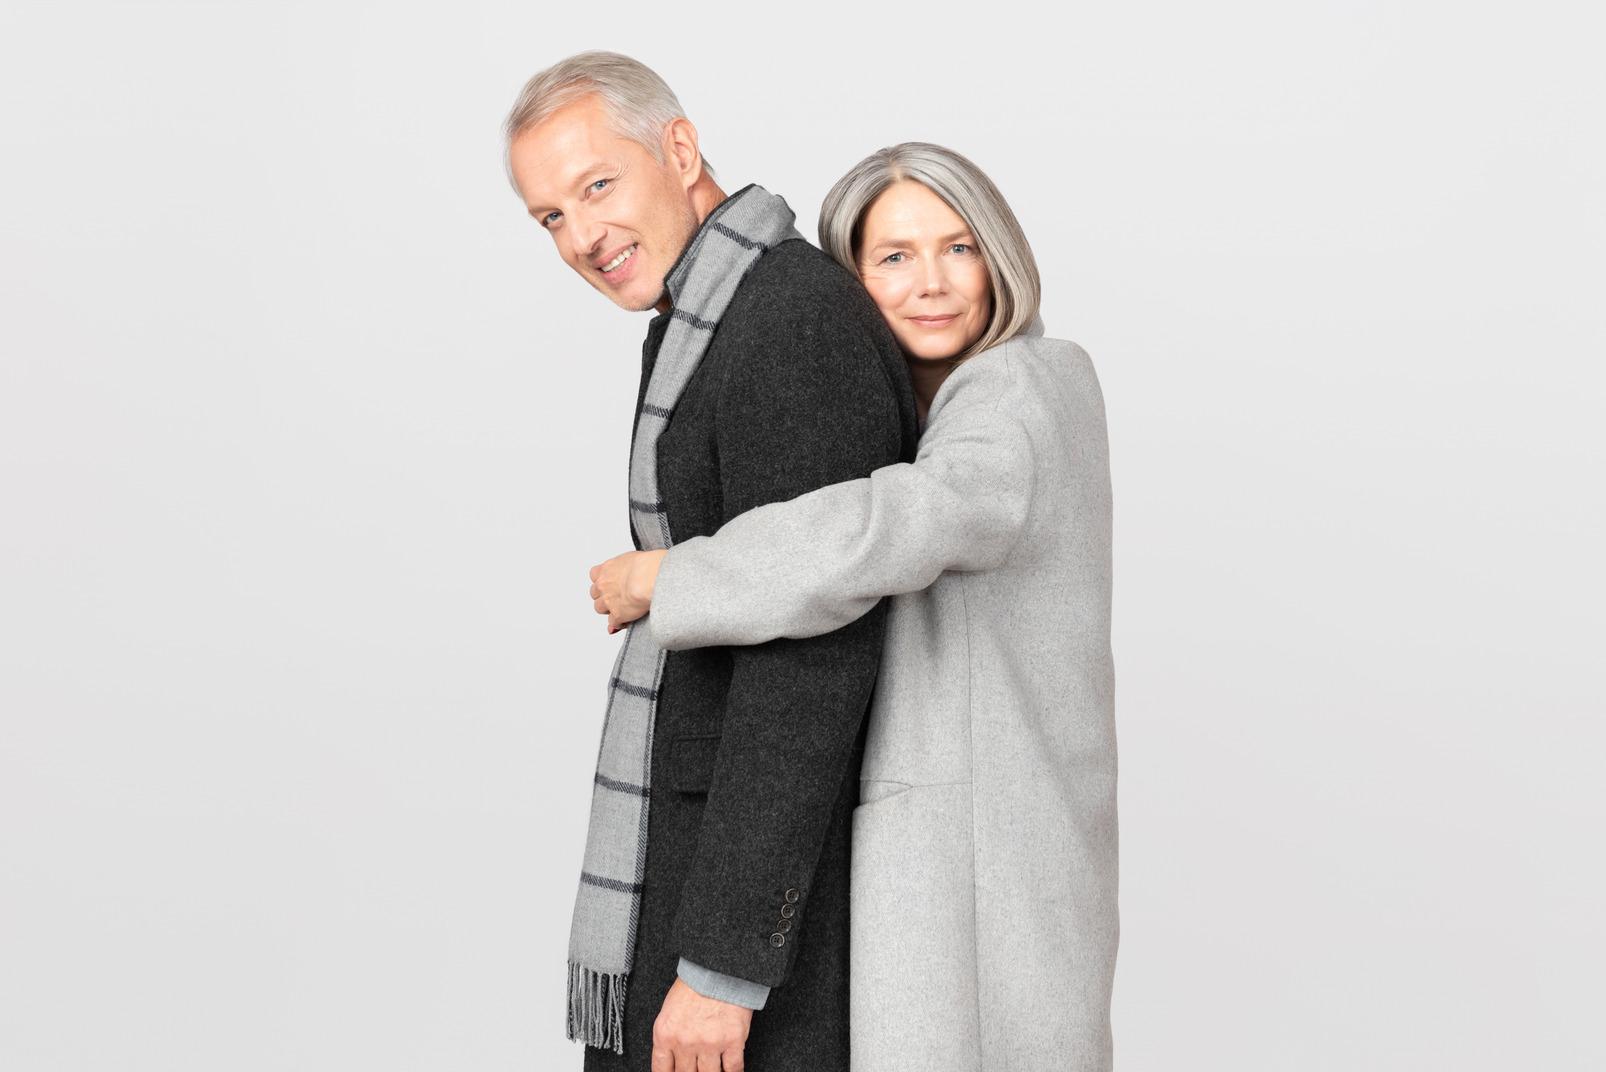 Femme en manteau gris serrant son mari